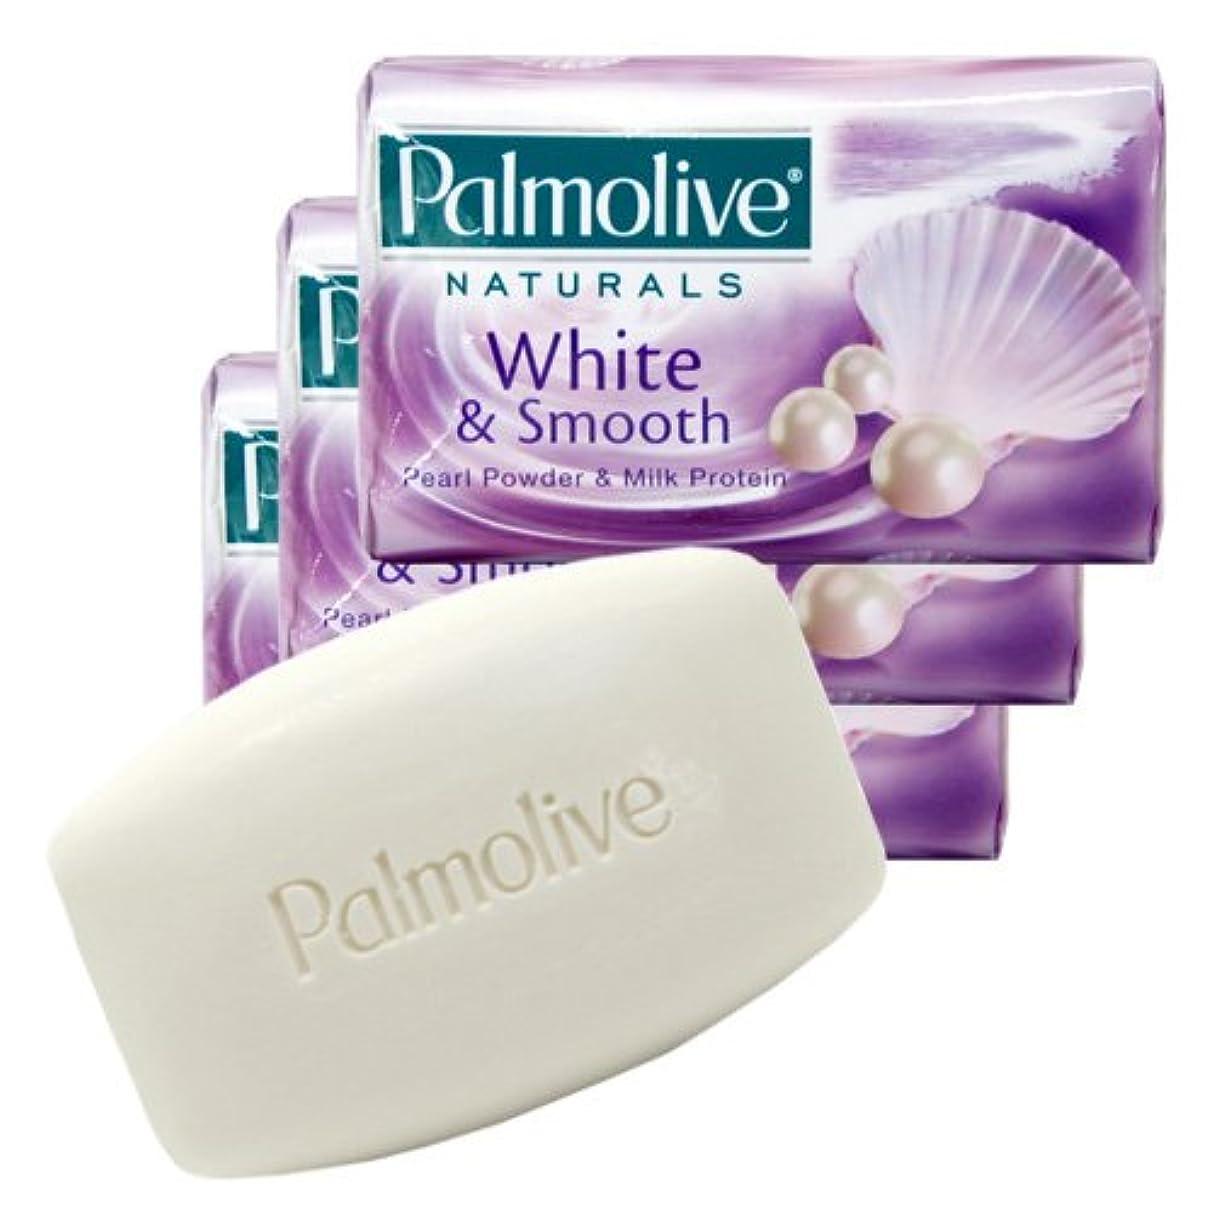 シェルターフレームワークズームインする【Palmolive】パルモリーブ ナチュラルズ石鹸3個パック ホワイト&スムース(パールパウダー&ミルクプロテイン)80g×3